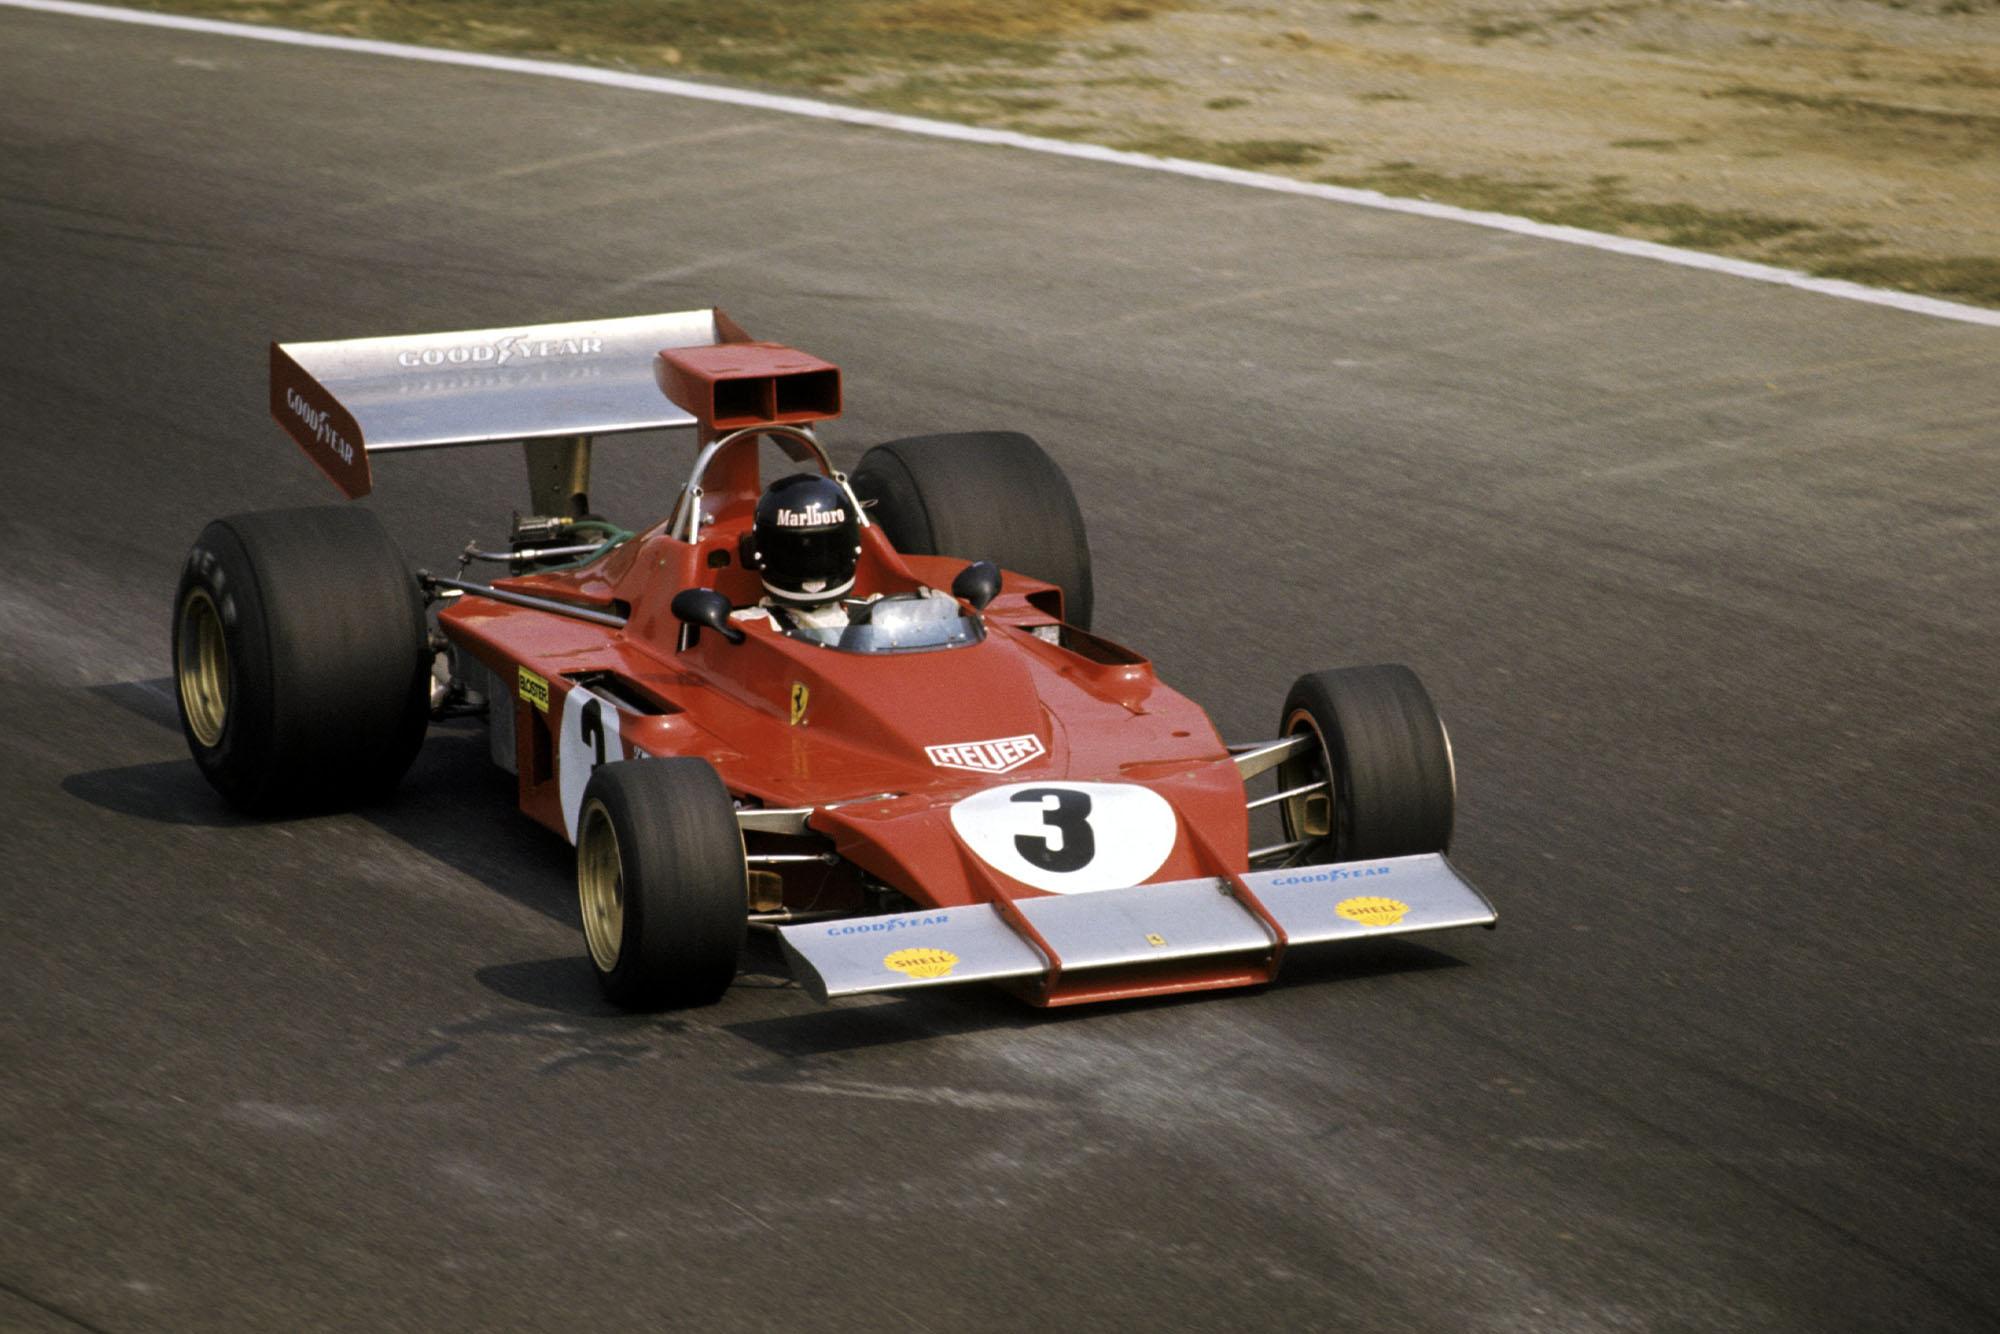 Jacky Ickx rounds the Curva Sud in his Ferrari at the 1973 Italian Grand Prix, Monza.